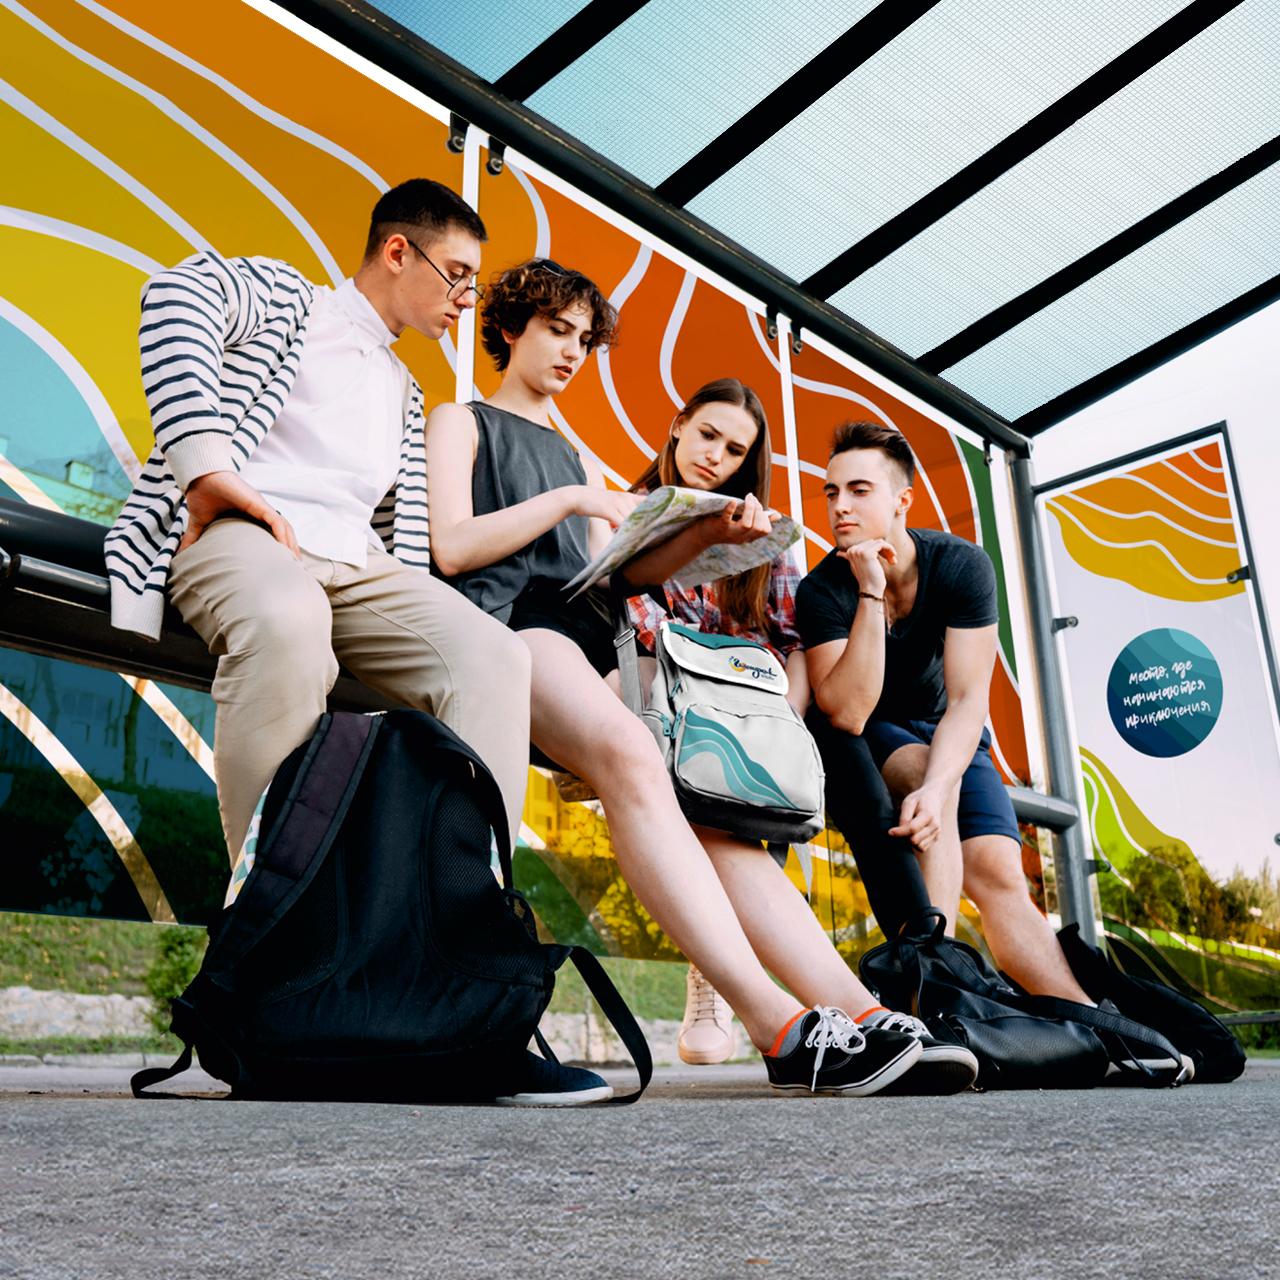 Айдентика туристического бренда города Геленджик на примере остановочного павильона